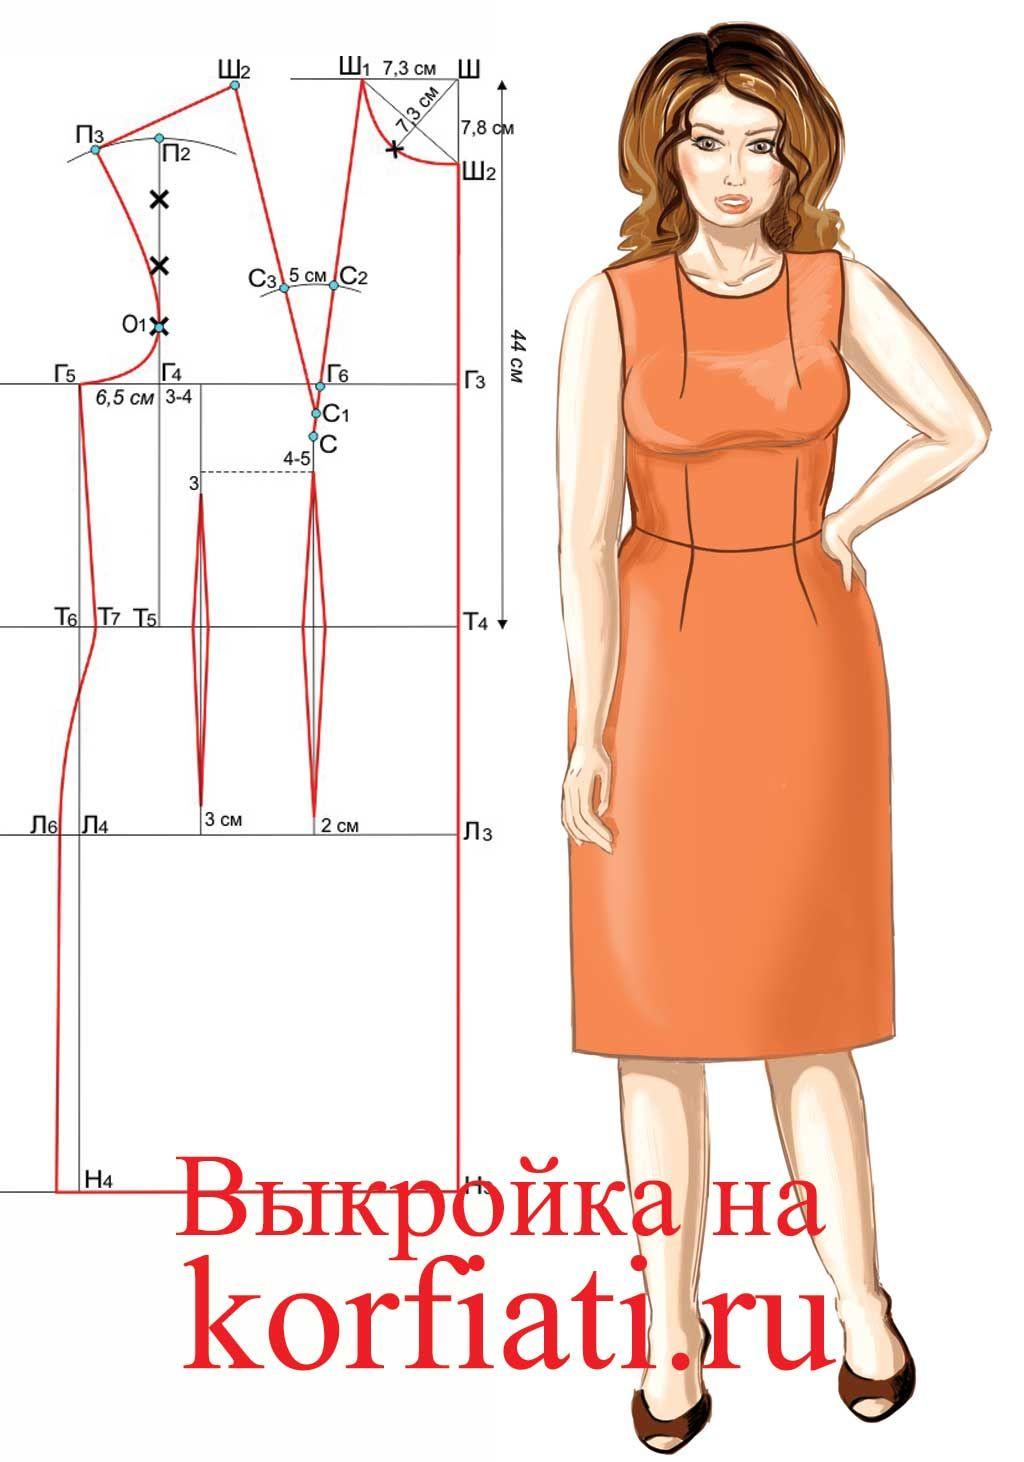 Как сшить платье без выкройки быстро 86